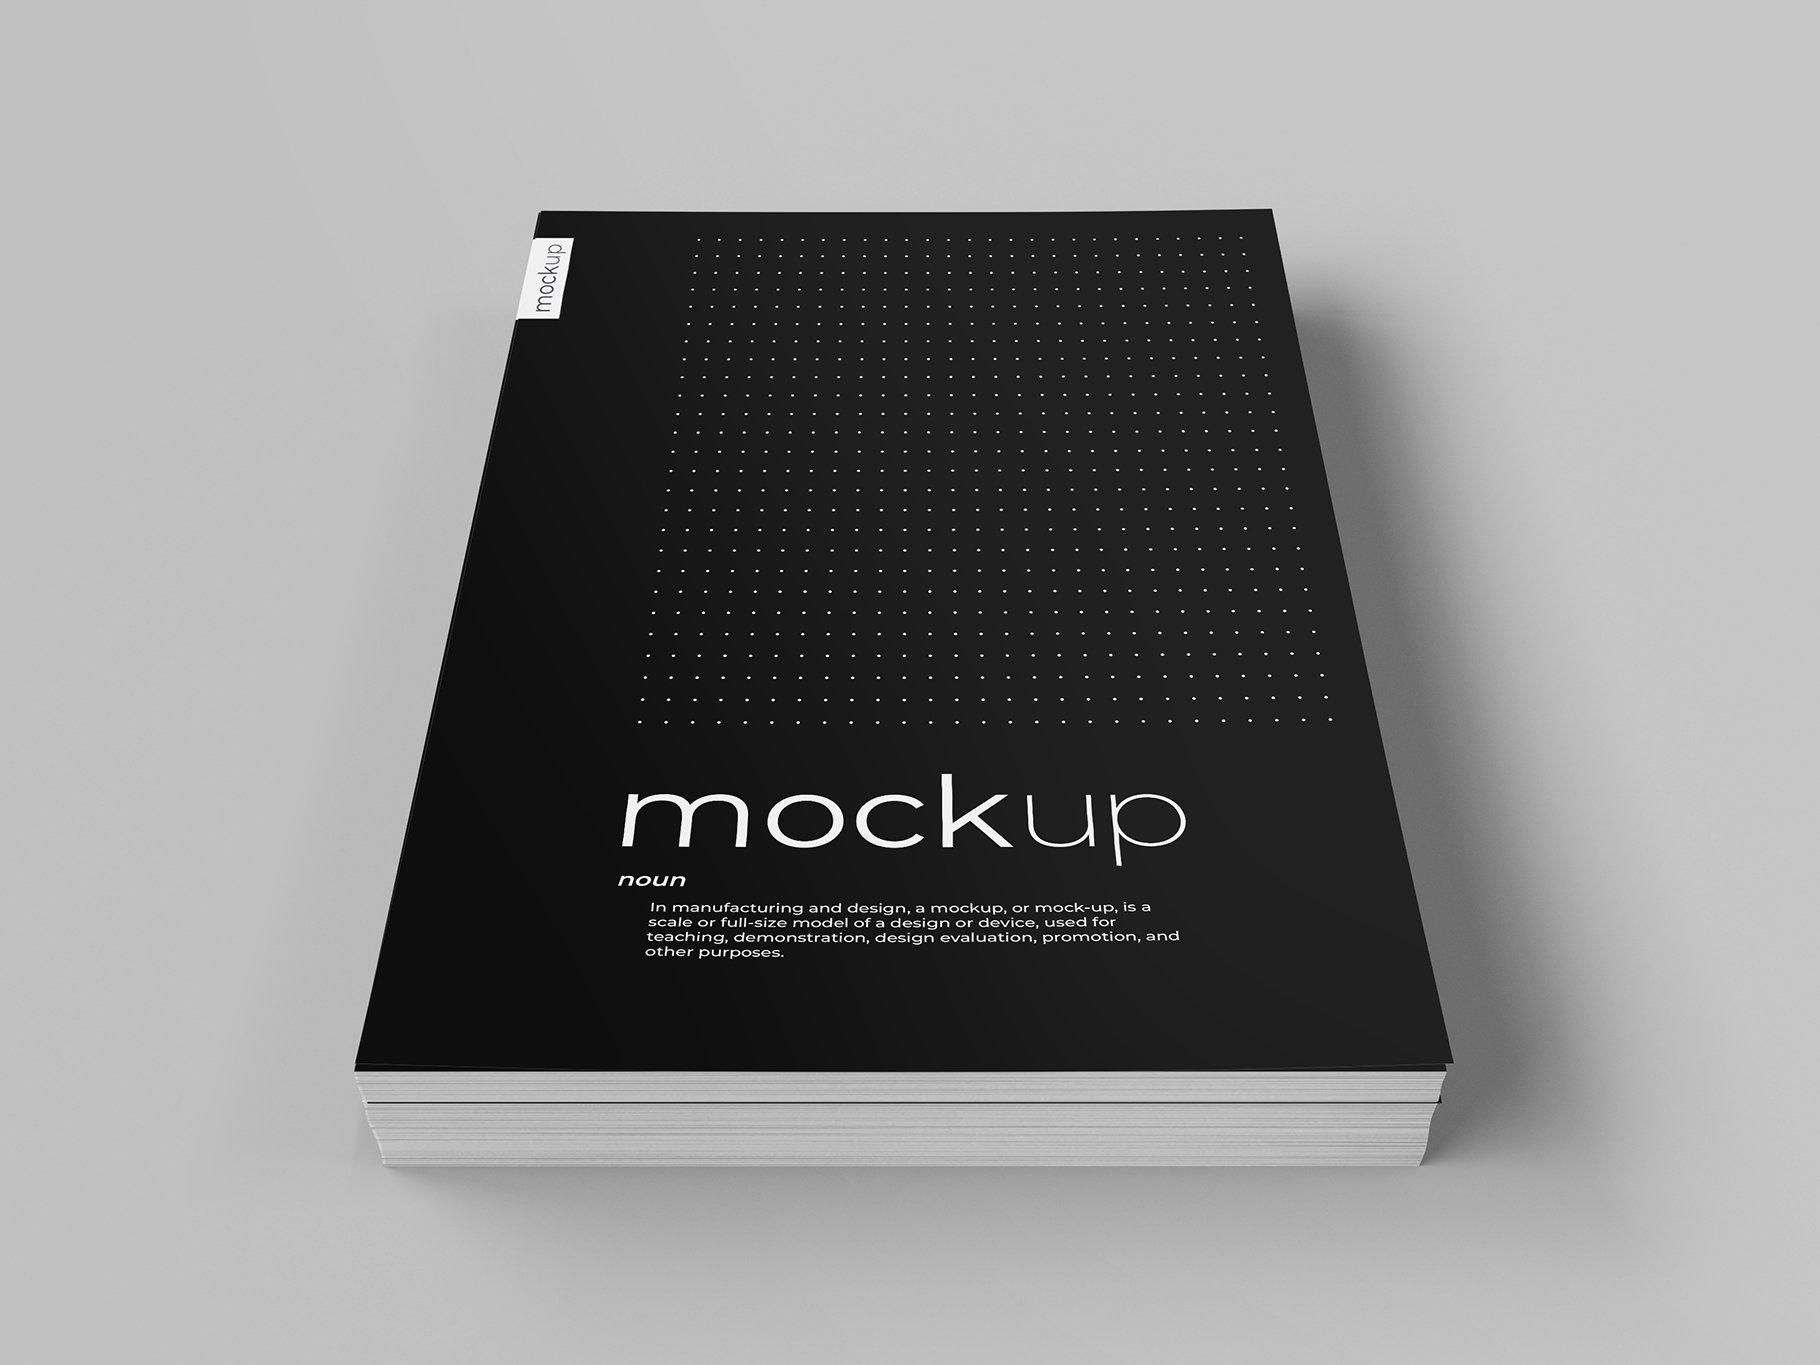 9款传单海报简历设计展示样机模板 Flyer Poster CV Mockup 2插图(1)